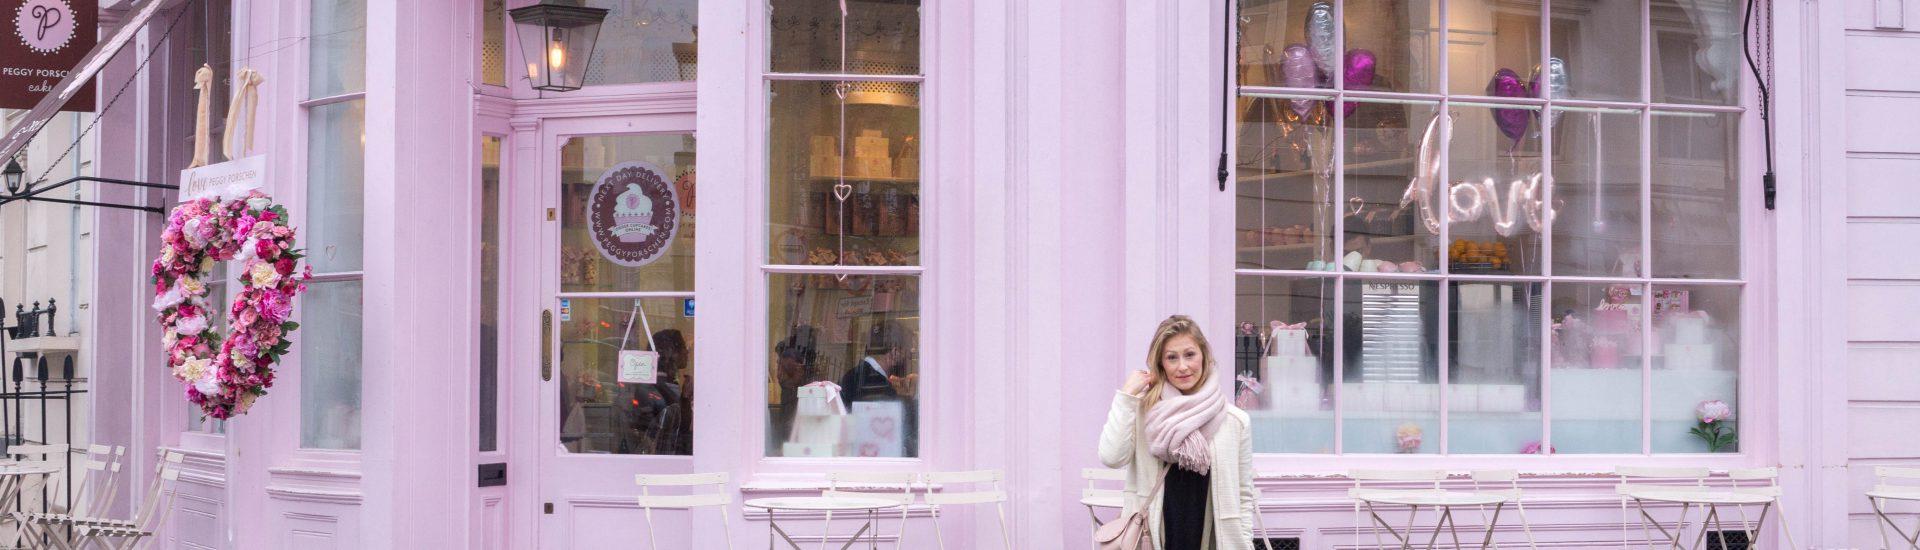 london outfit peggy porschen